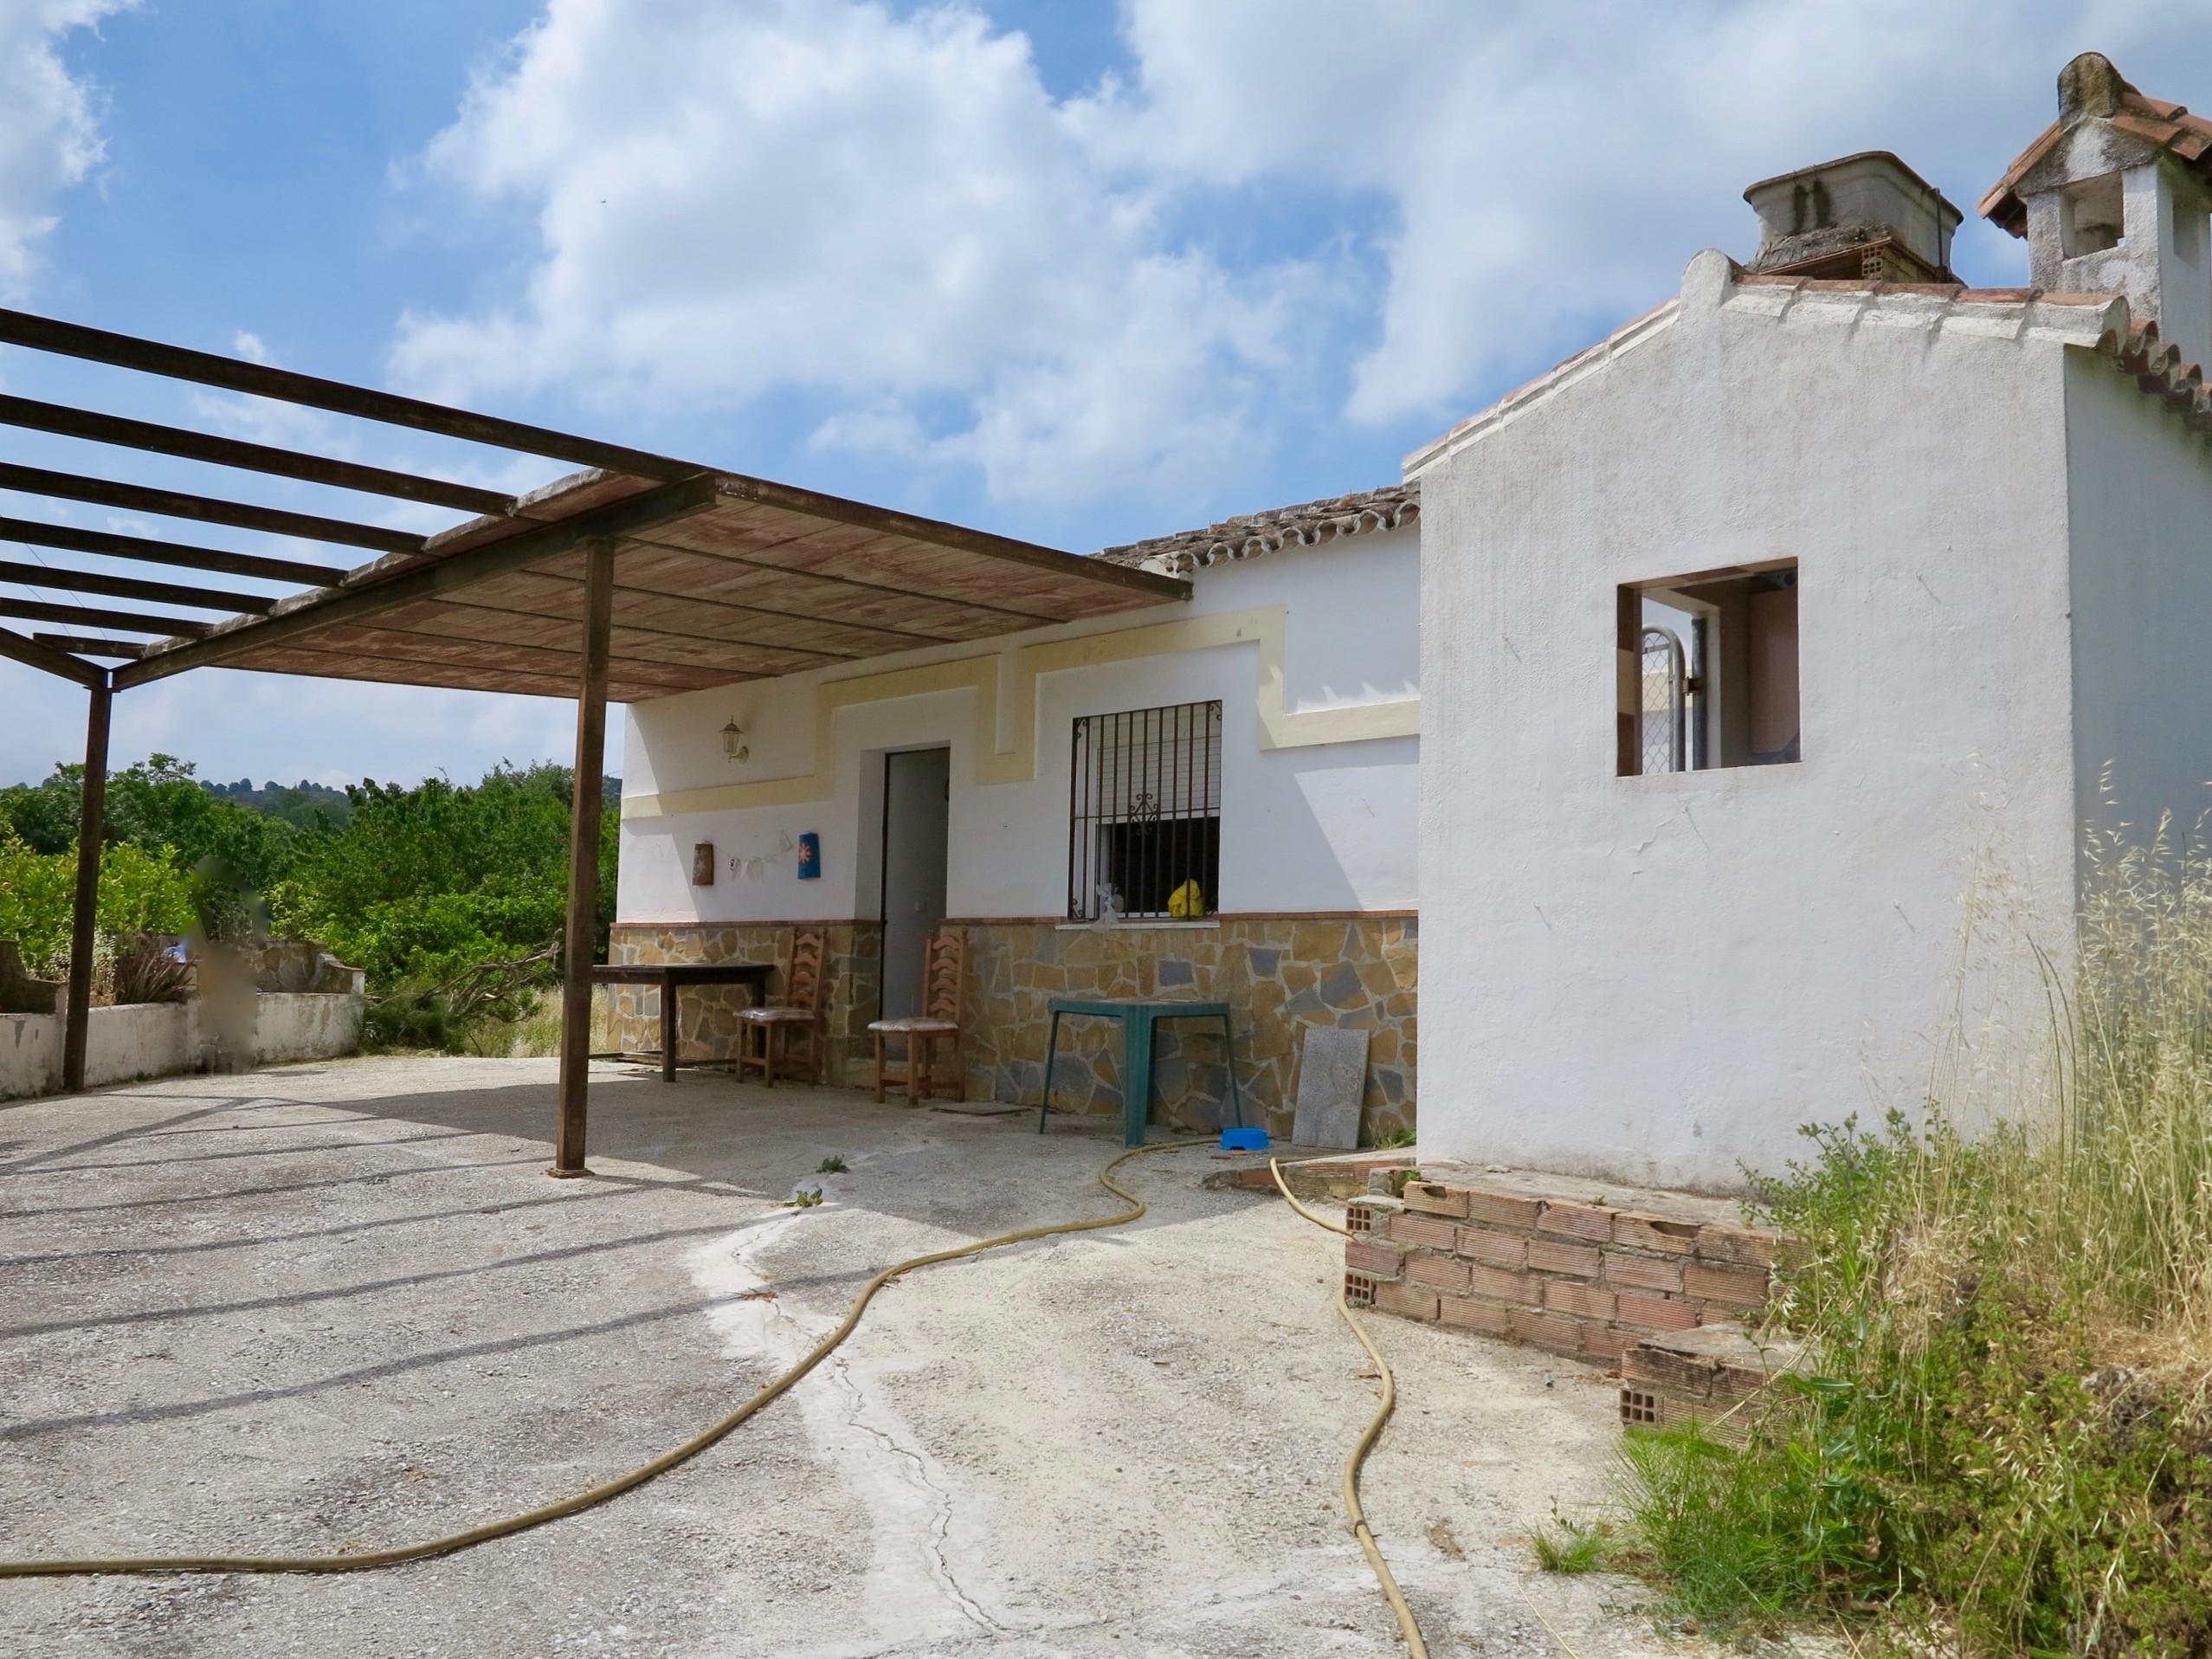 Casa en Huertas Viejas, Coín. Málaga (Parcela 4.500 M2)